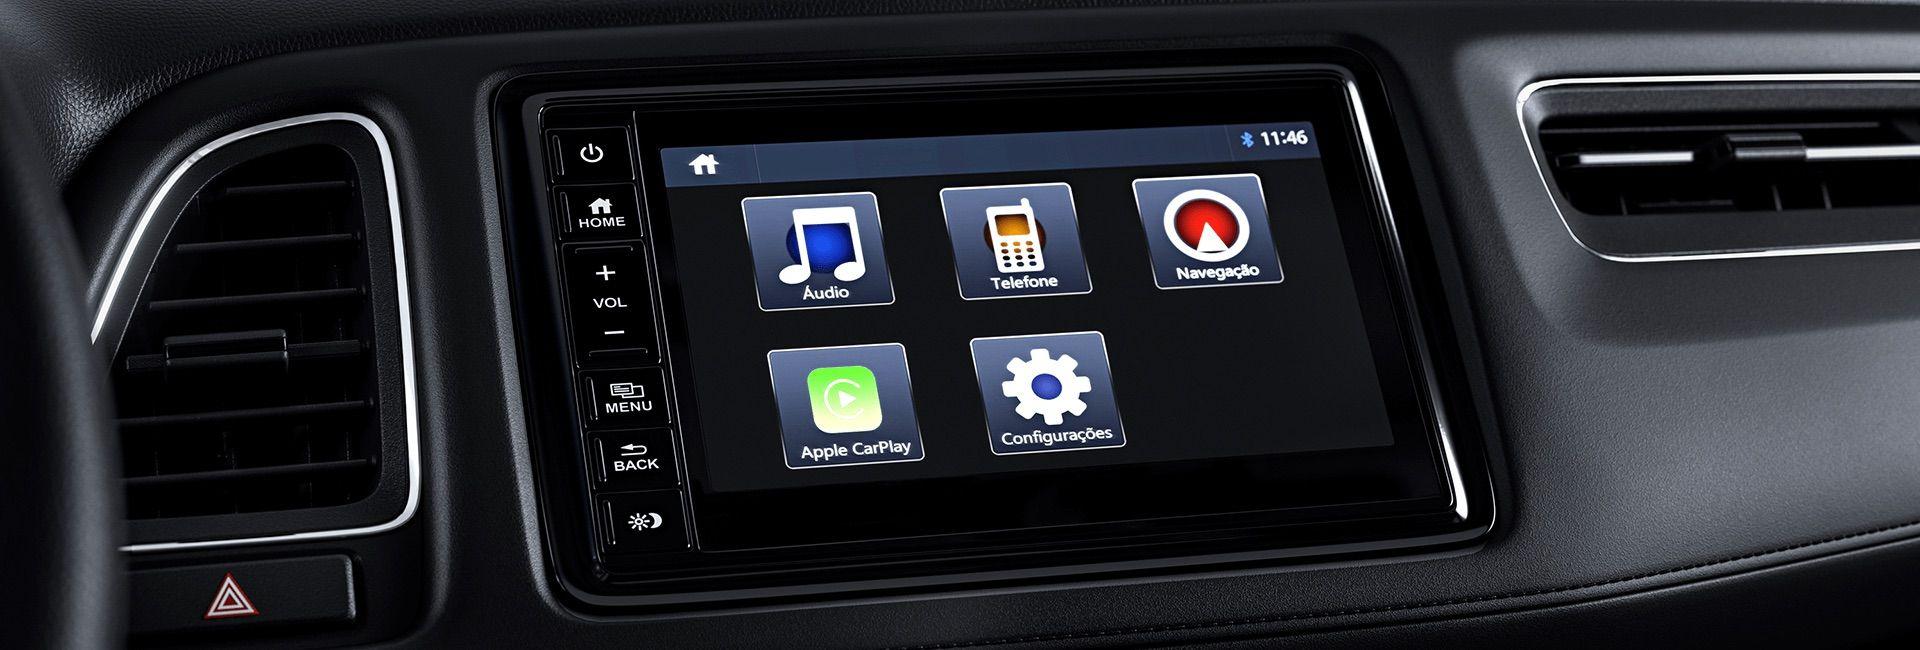 HRV 2020 Honda Automóveis imagens) Touring